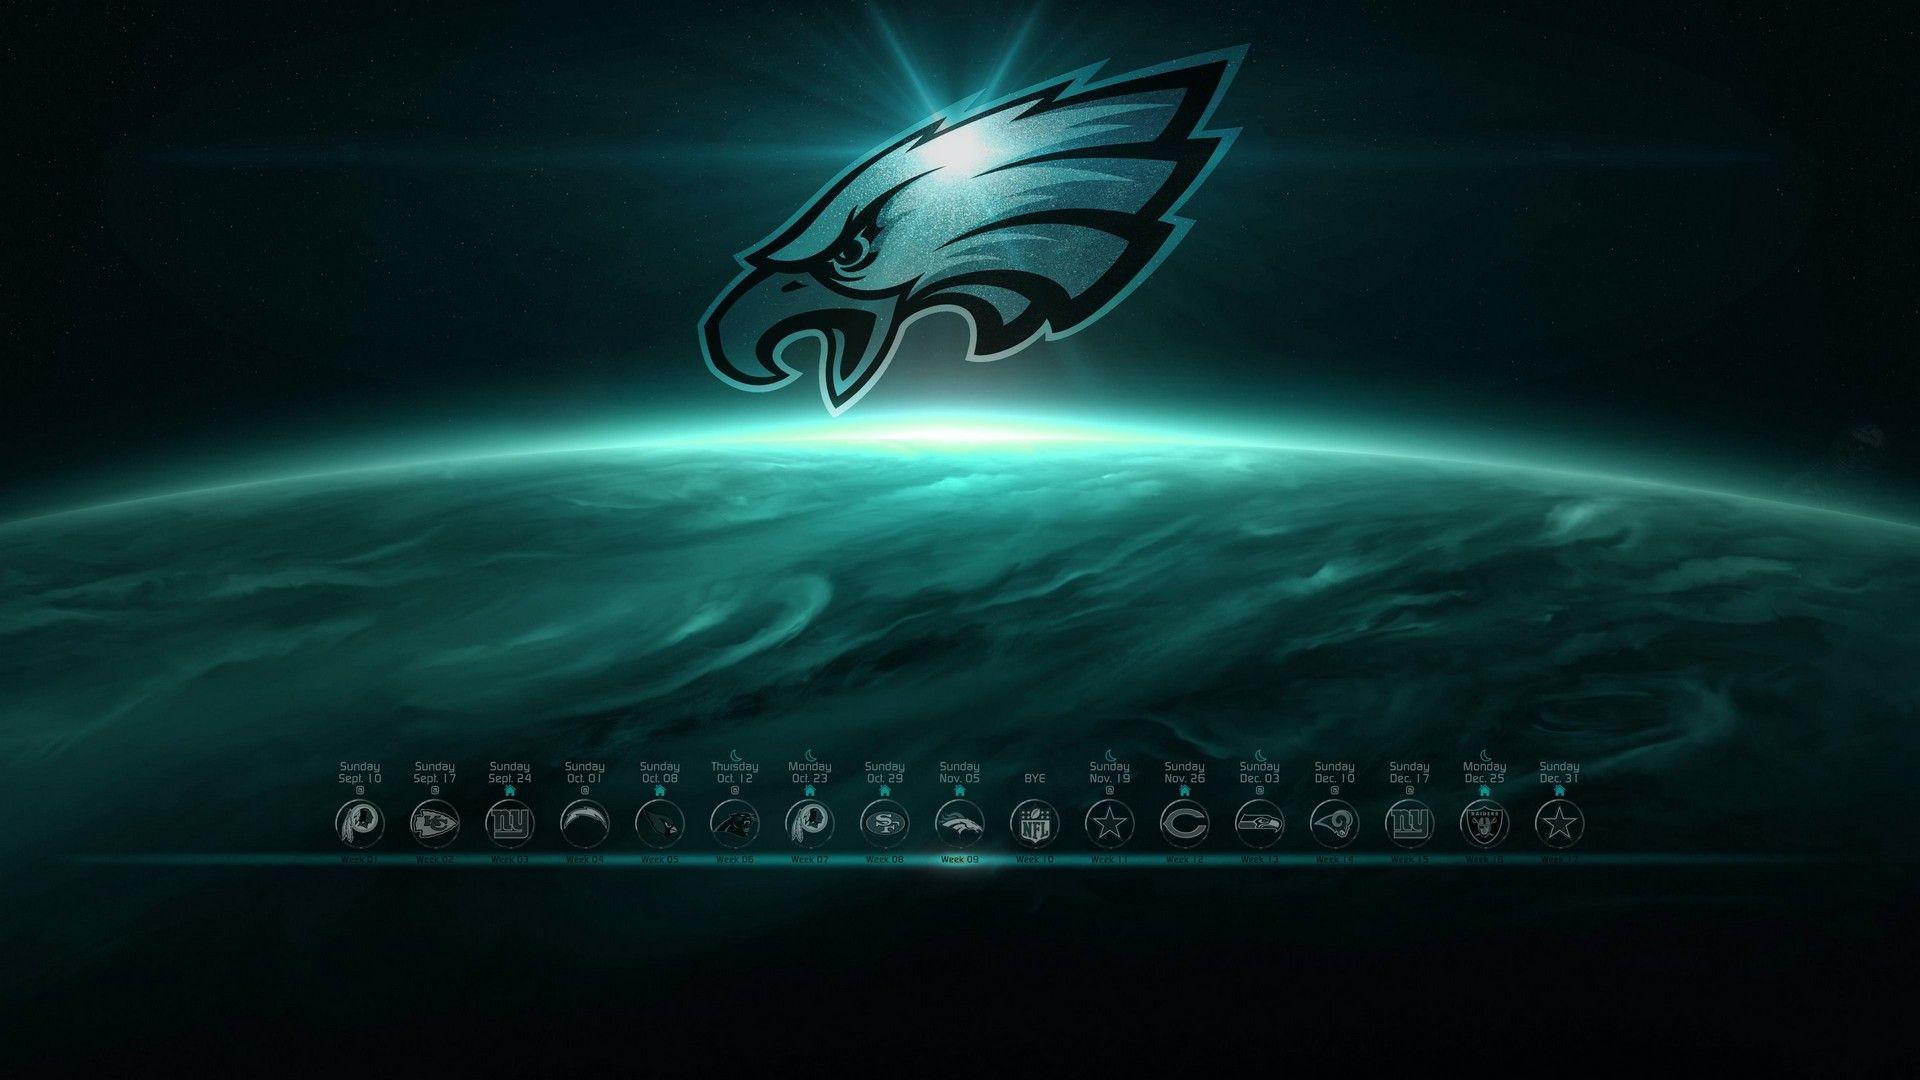 Nfl Eagles Wallpaper For Mac Backgrounds 2021 Nfl Football Wallpapers Philadelphia Eagles Wallpaper Philadelphia Eagles Eagles